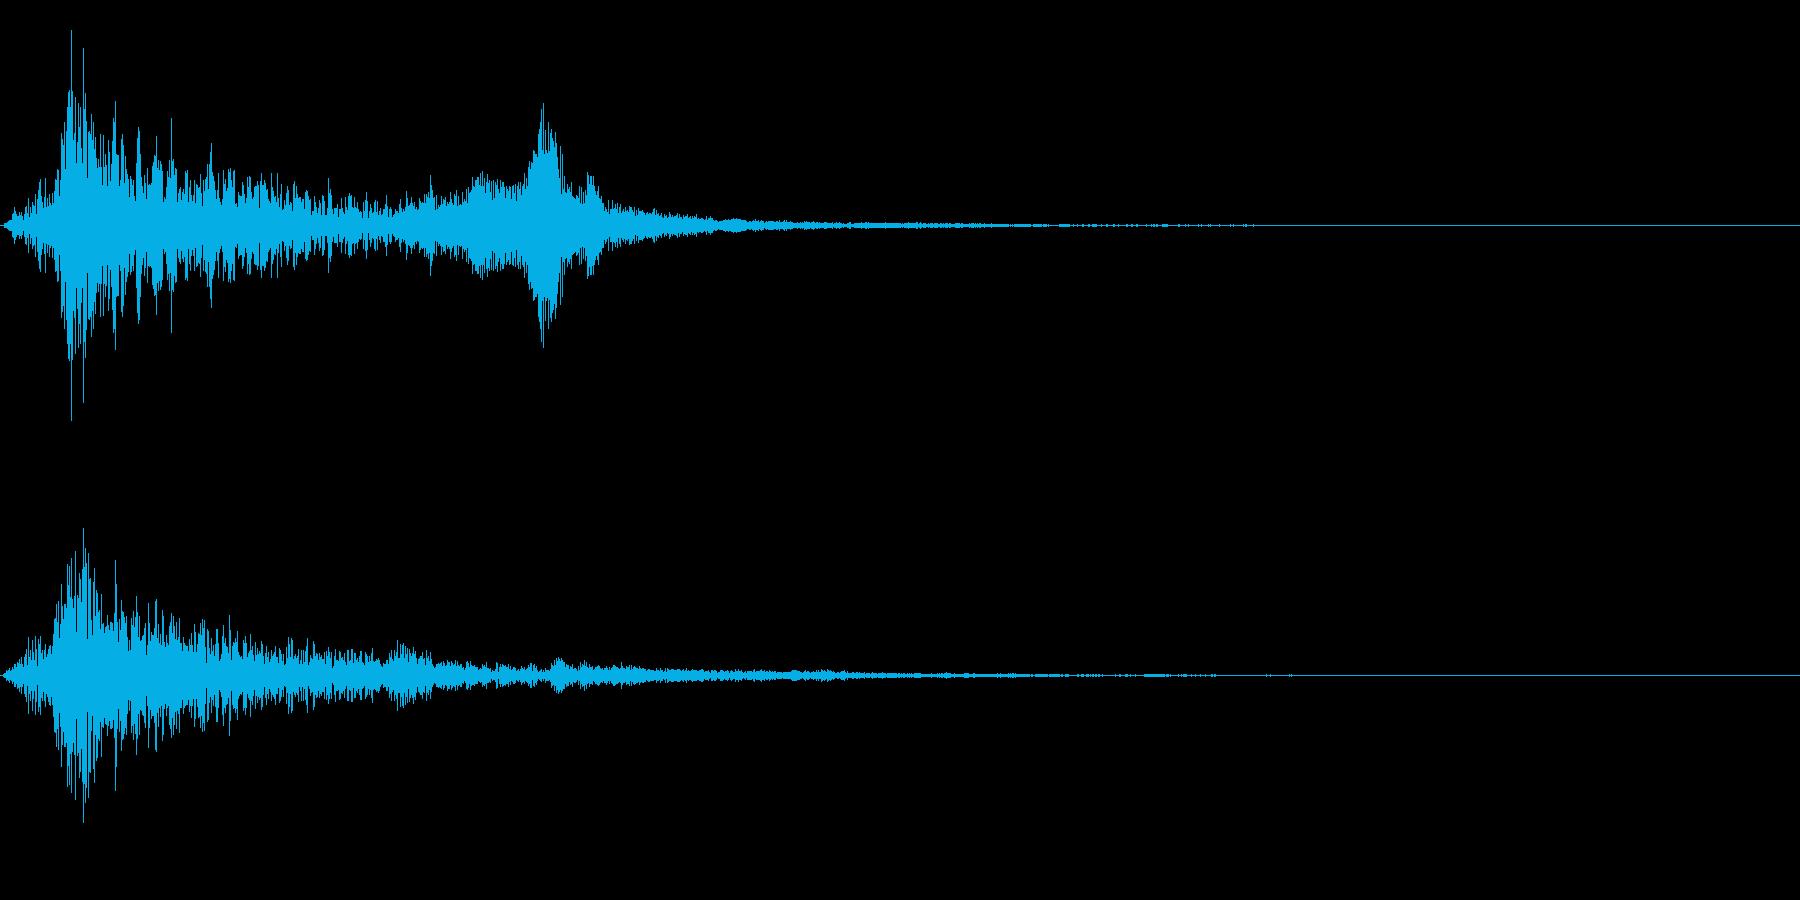 ドーン衝撃音ホラーサスペンスに最適のSEの再生済みの波形